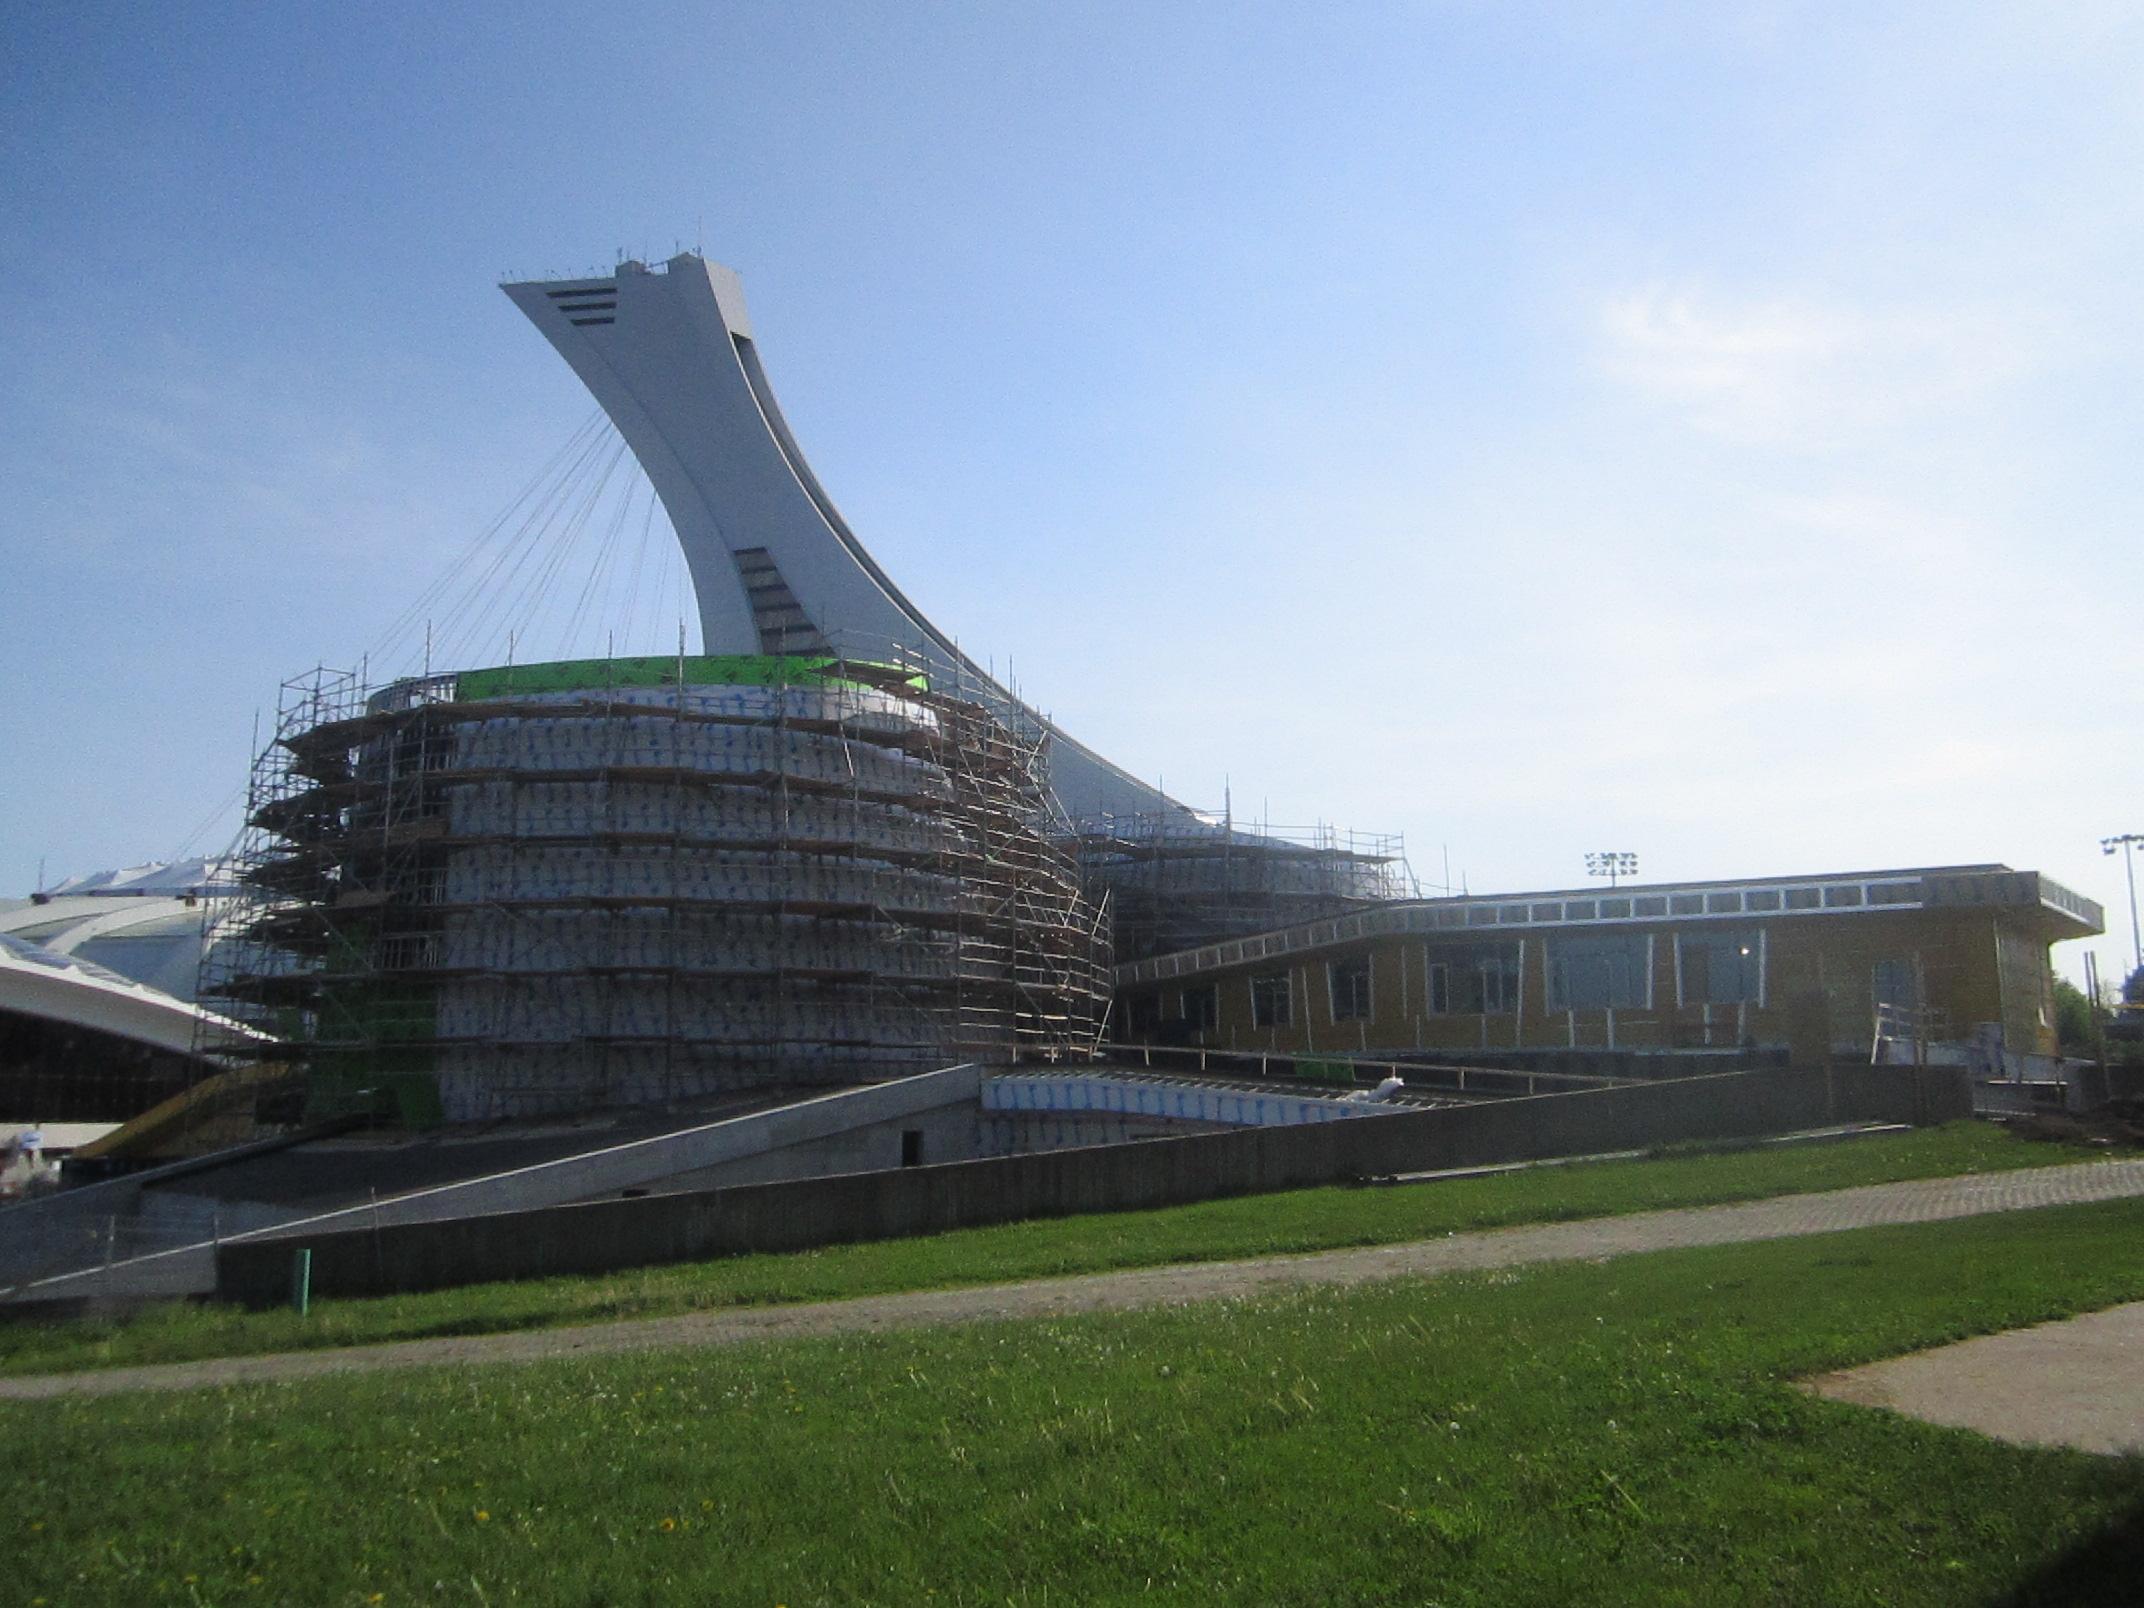 The Montréal Planetarium under construction in 2012.